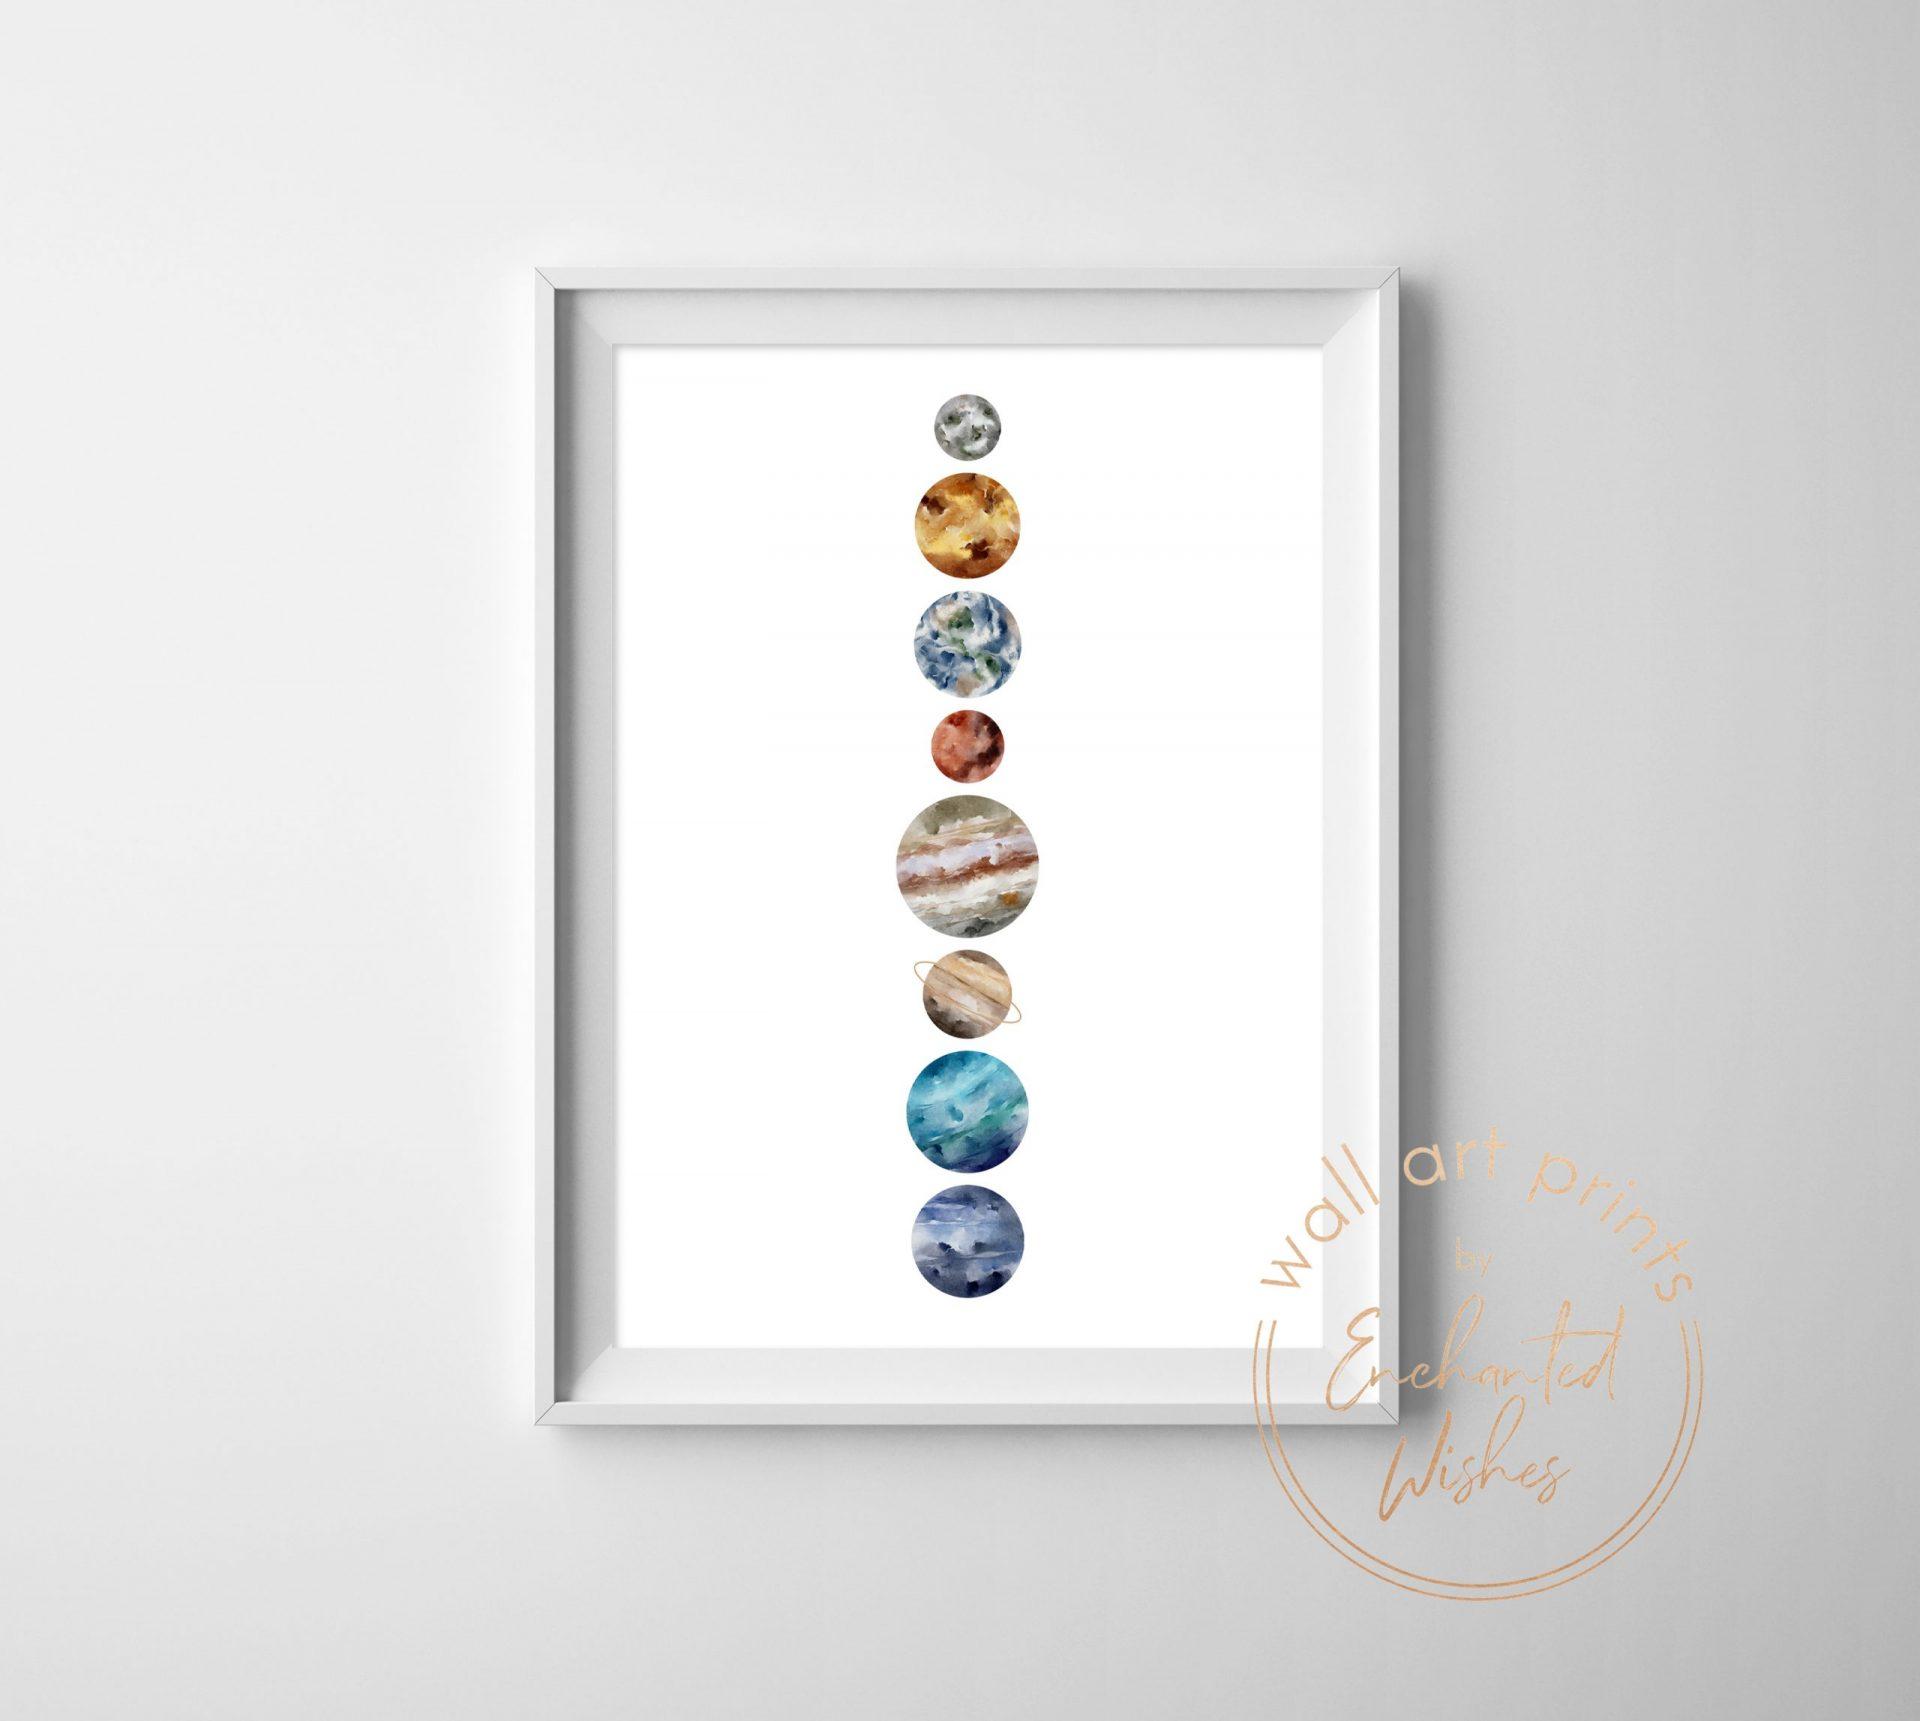 Watercolour planets print